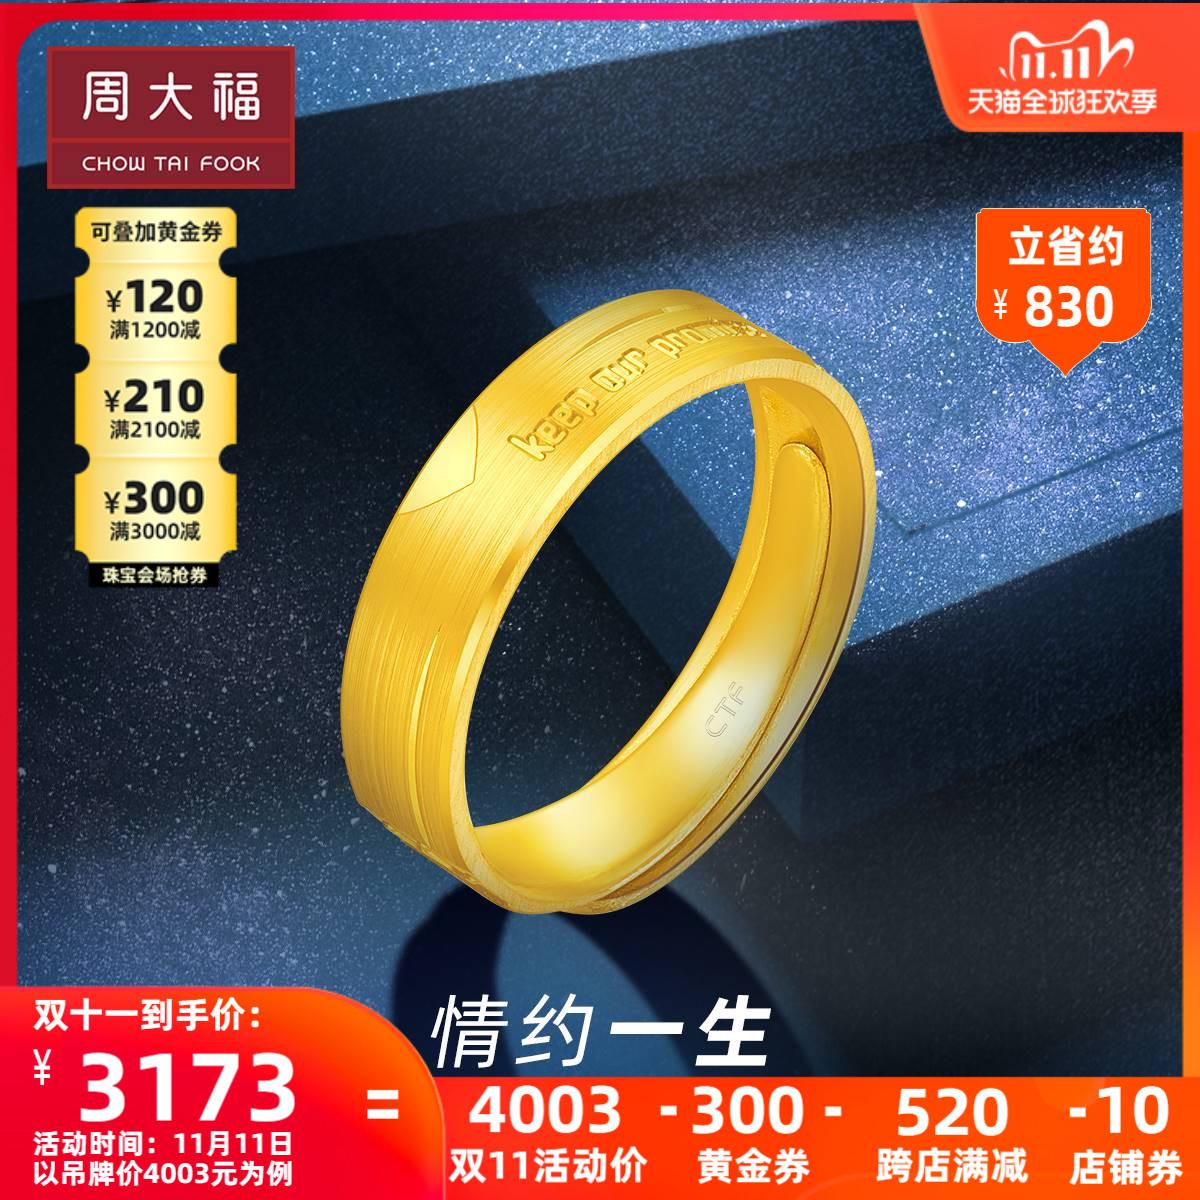 คู่11Chow Tai FookKeep our promiseราคาแหวนทอง  หลากหลาย甄品